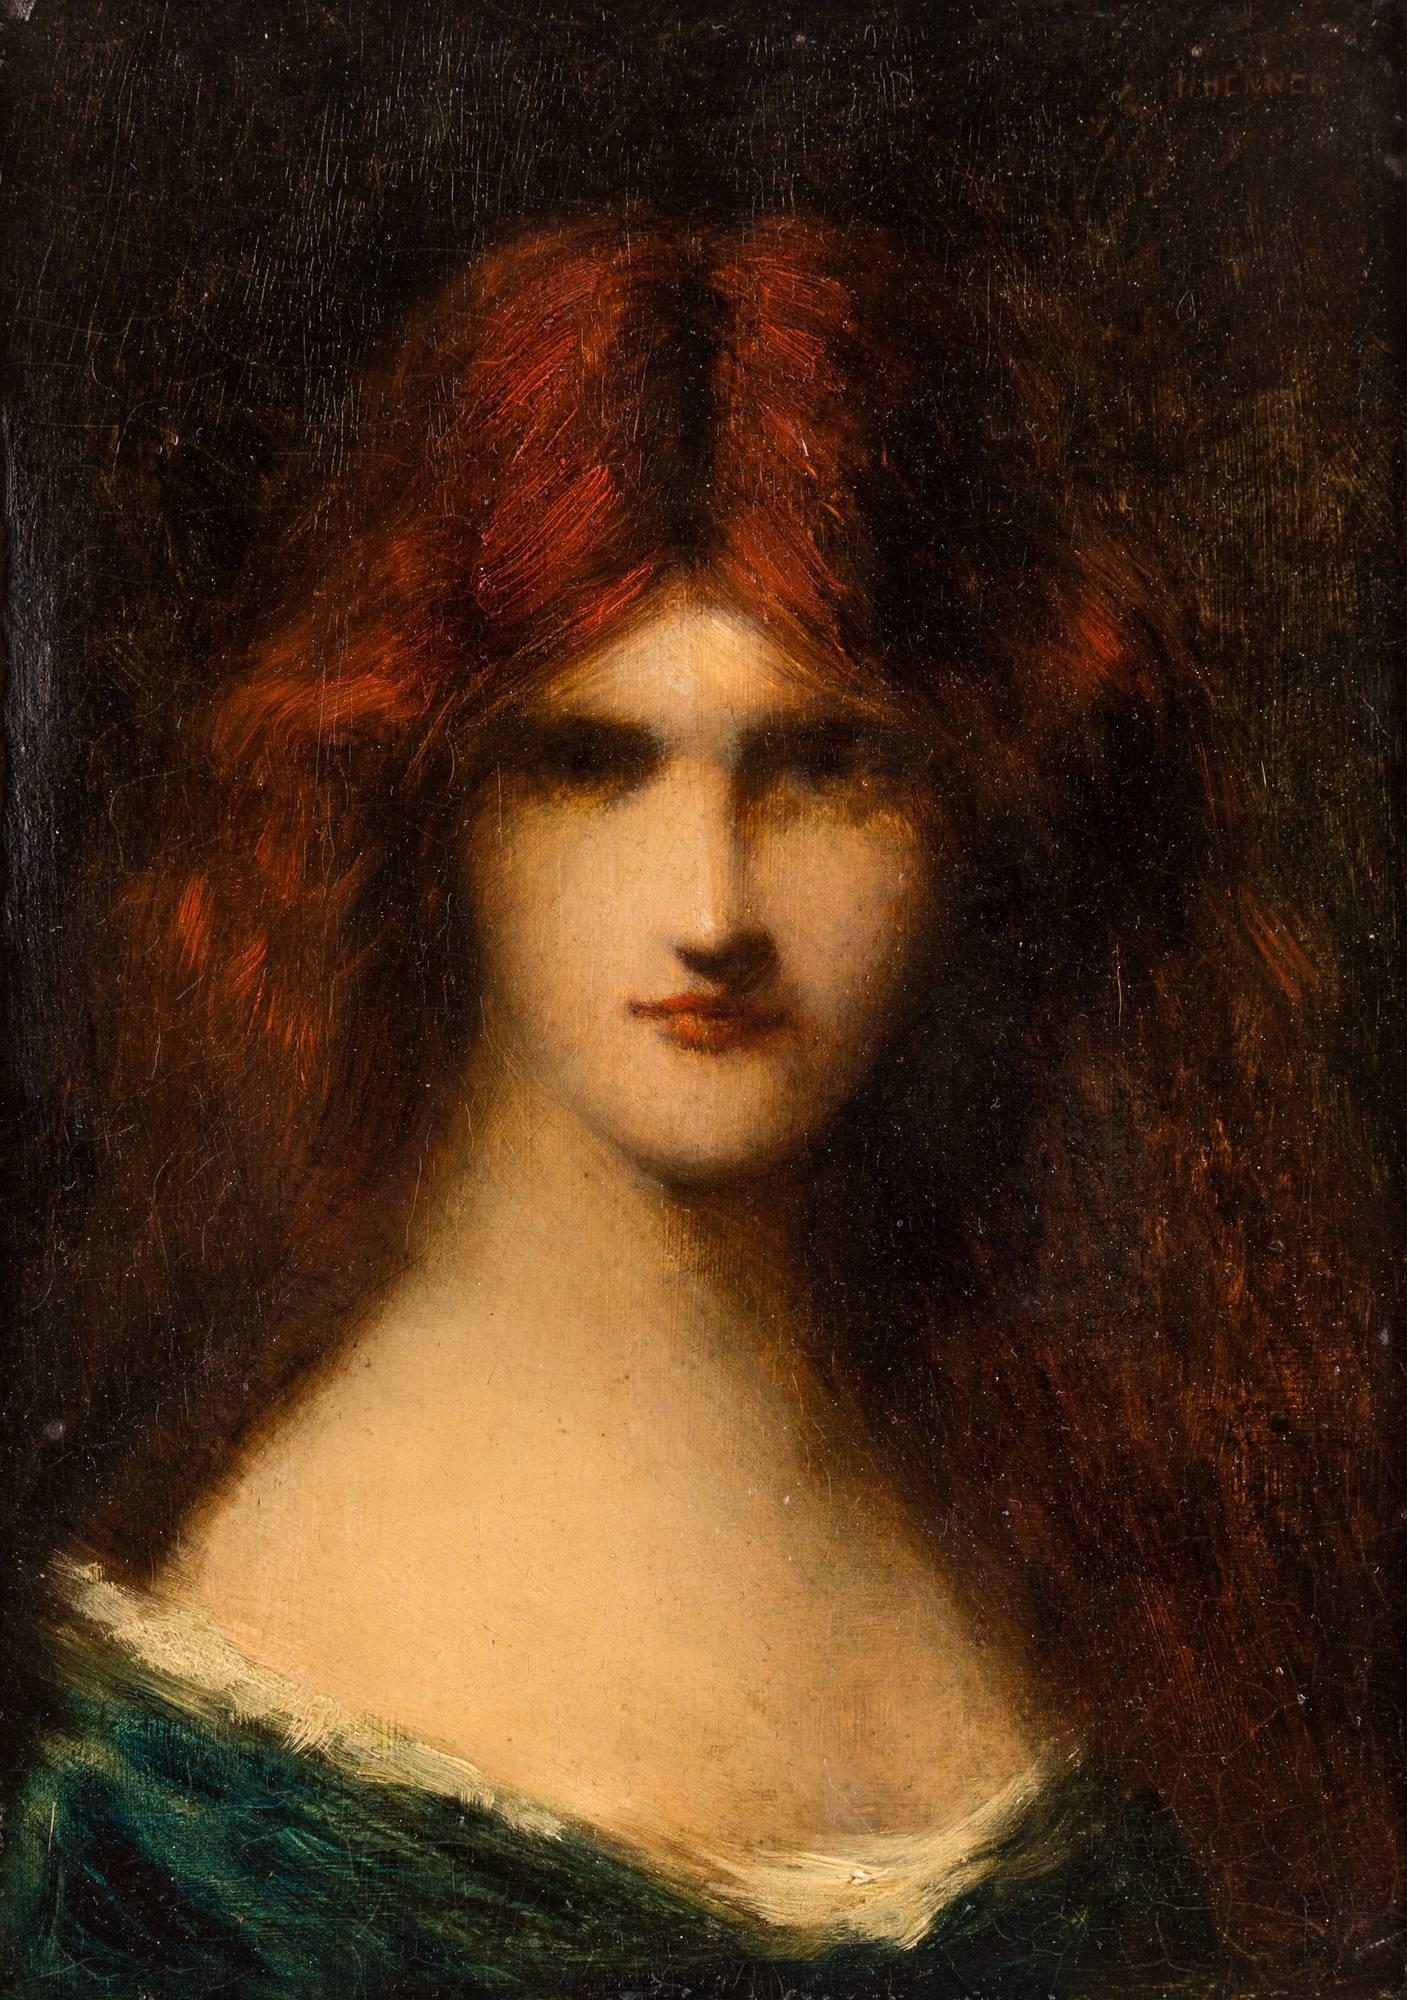 henner portrait femme rousse